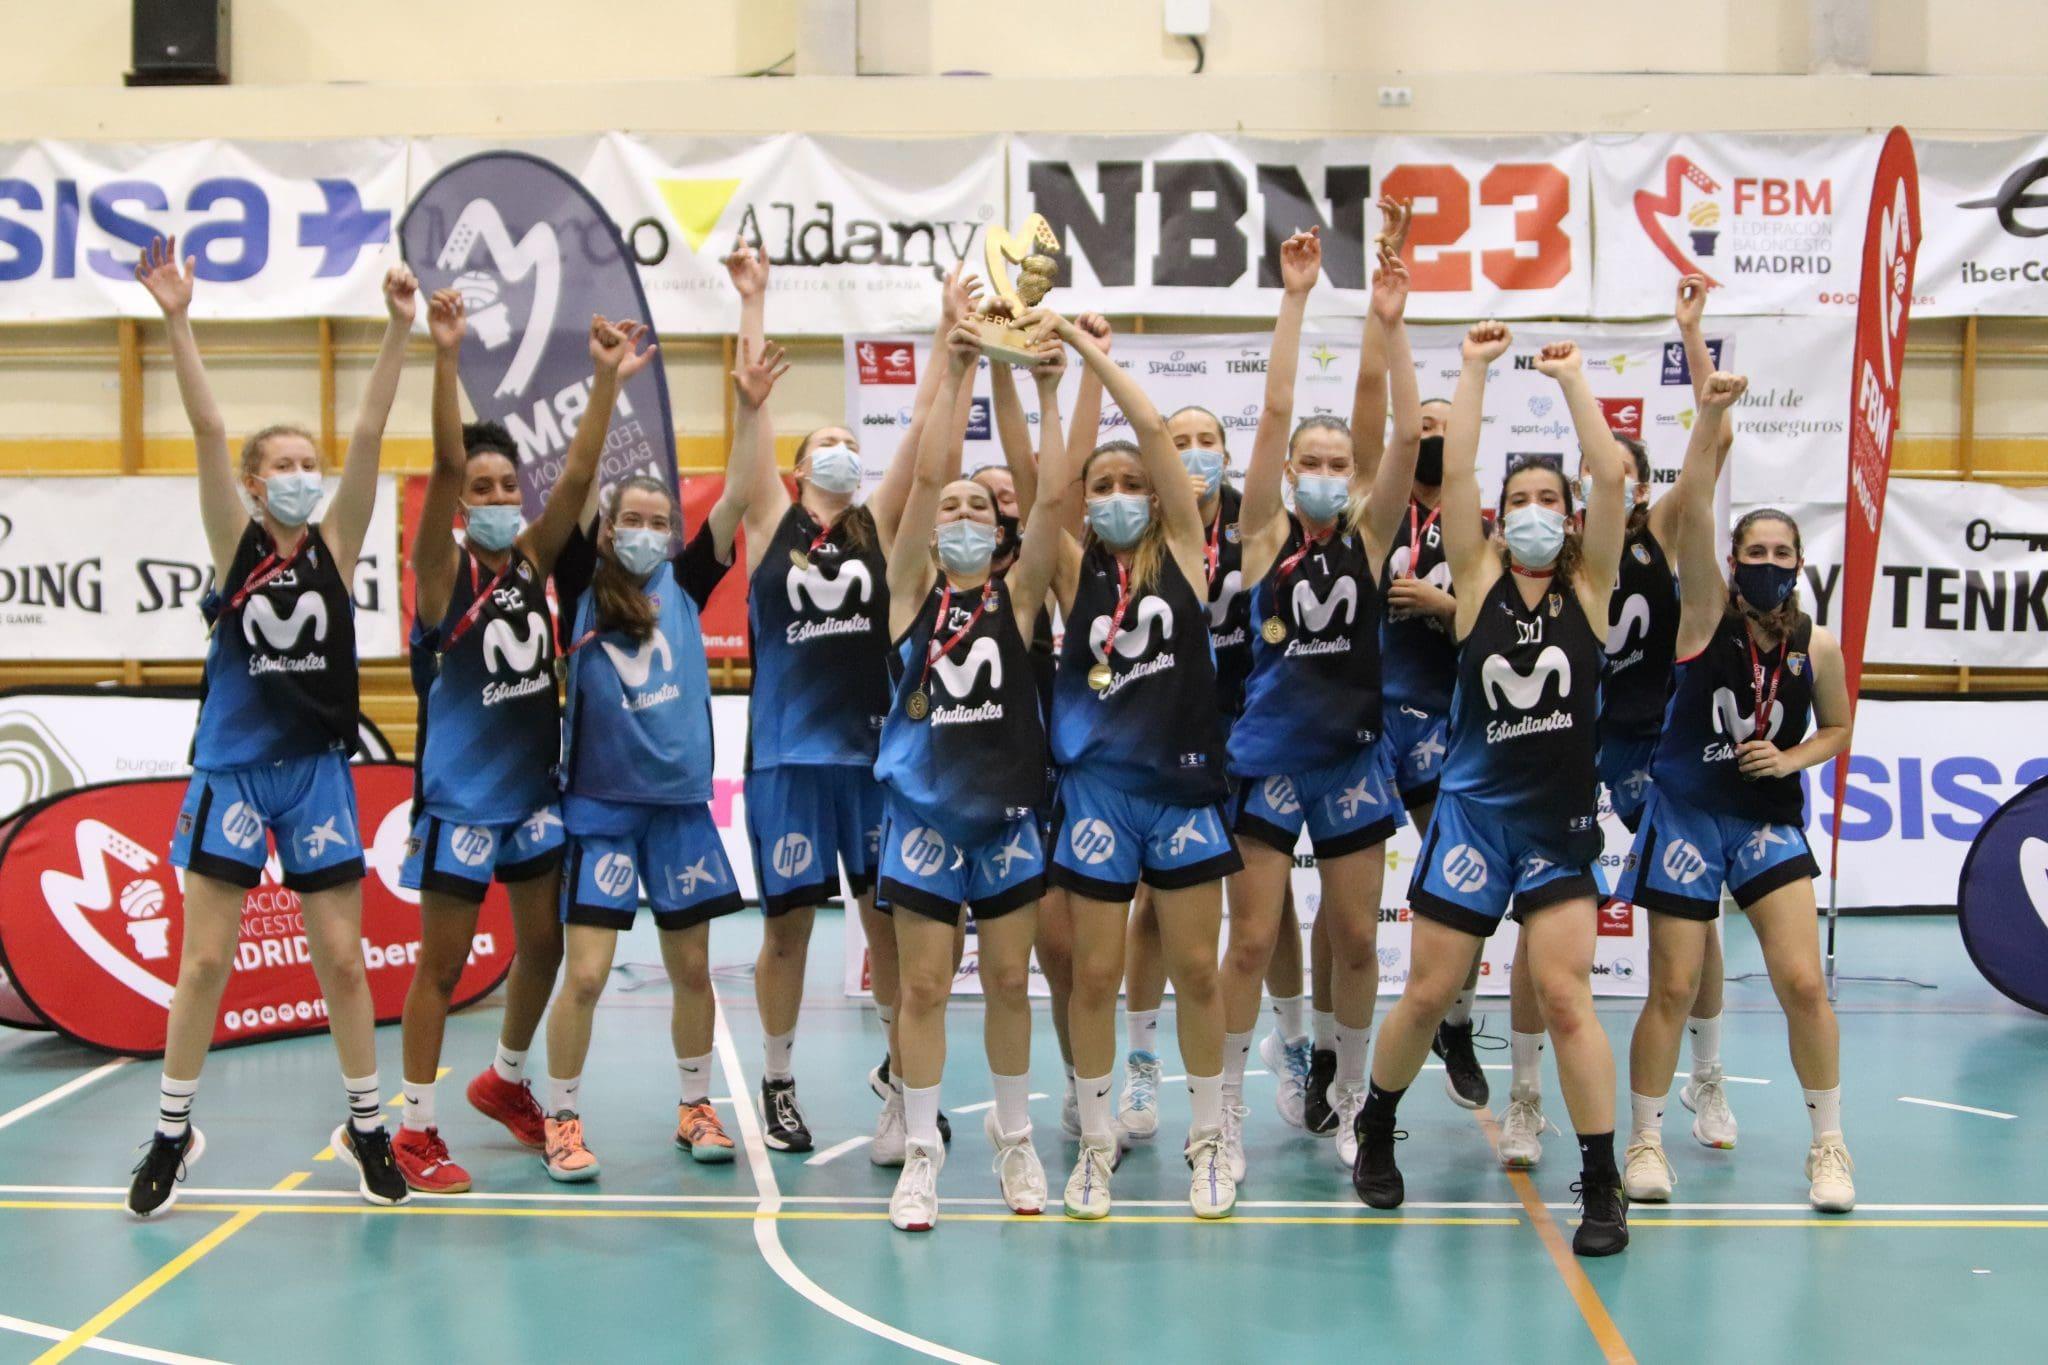 Las cadetes, campeonas invictas de Madrid